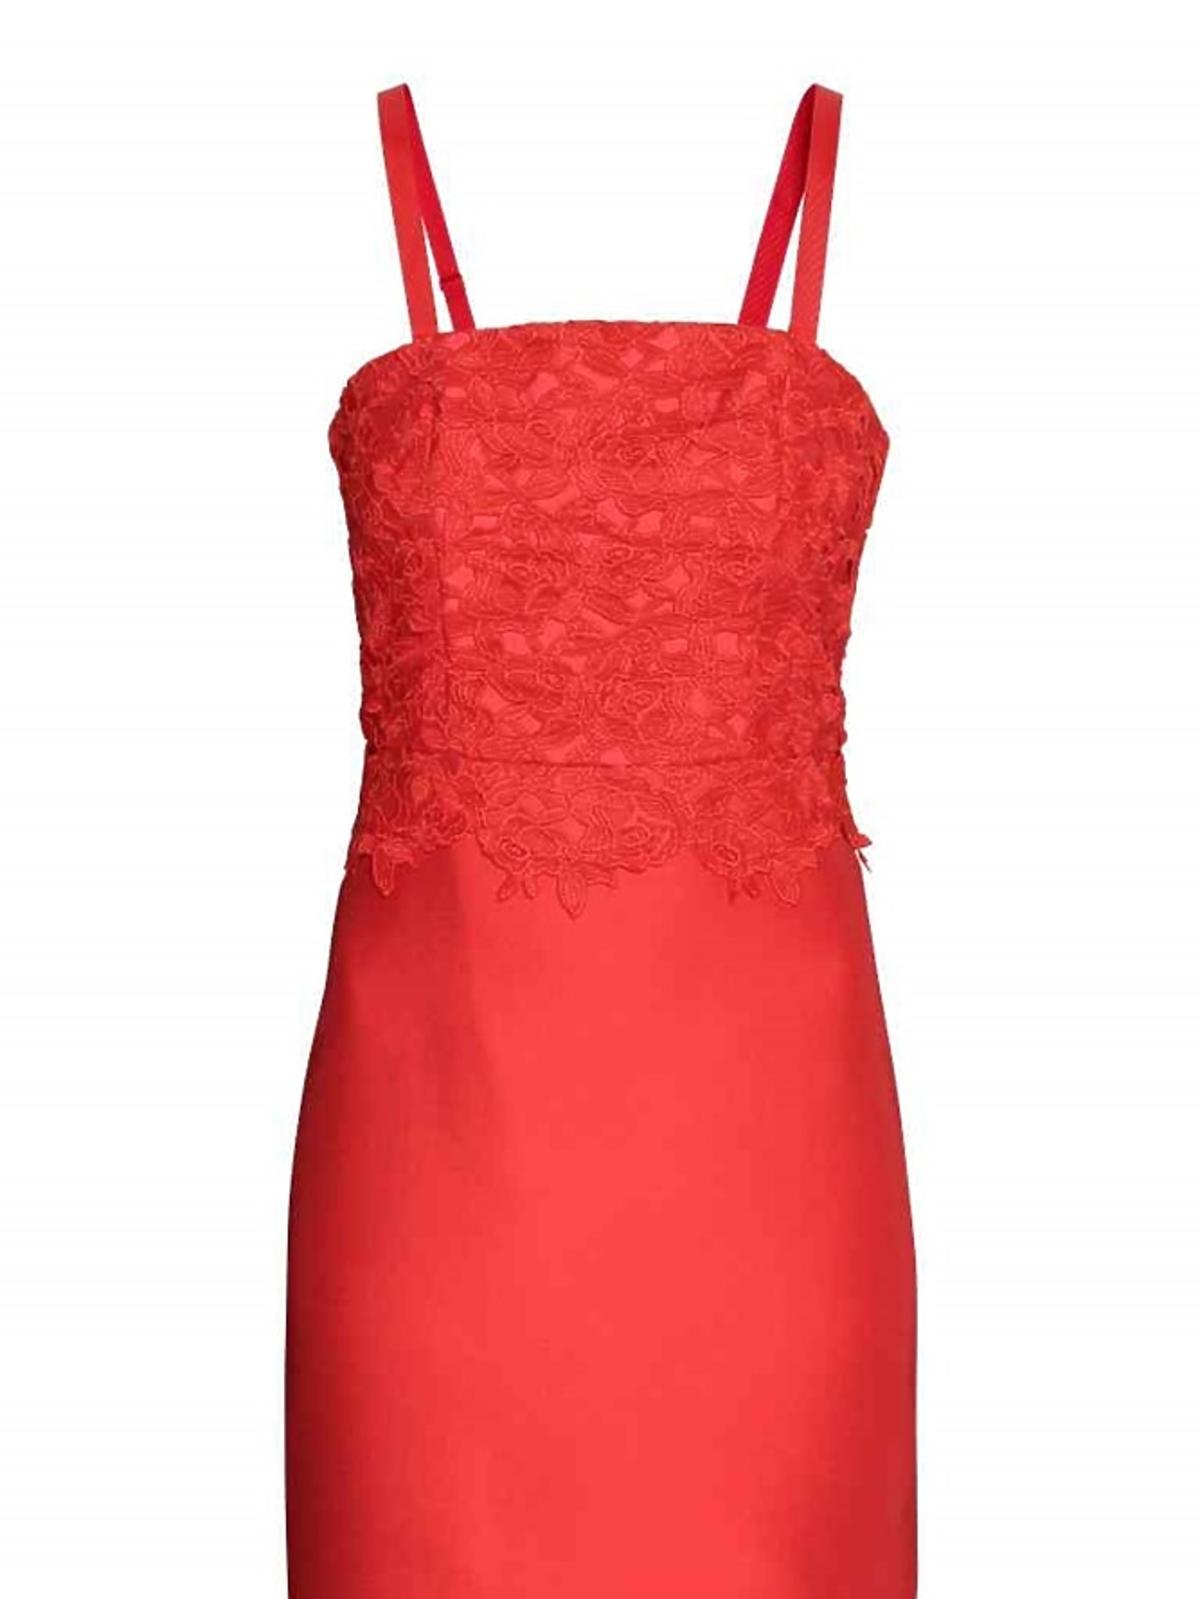 Czerwona sukienka z koronką, H&M, przeceniona z 229,00 zł na 68,90 zł